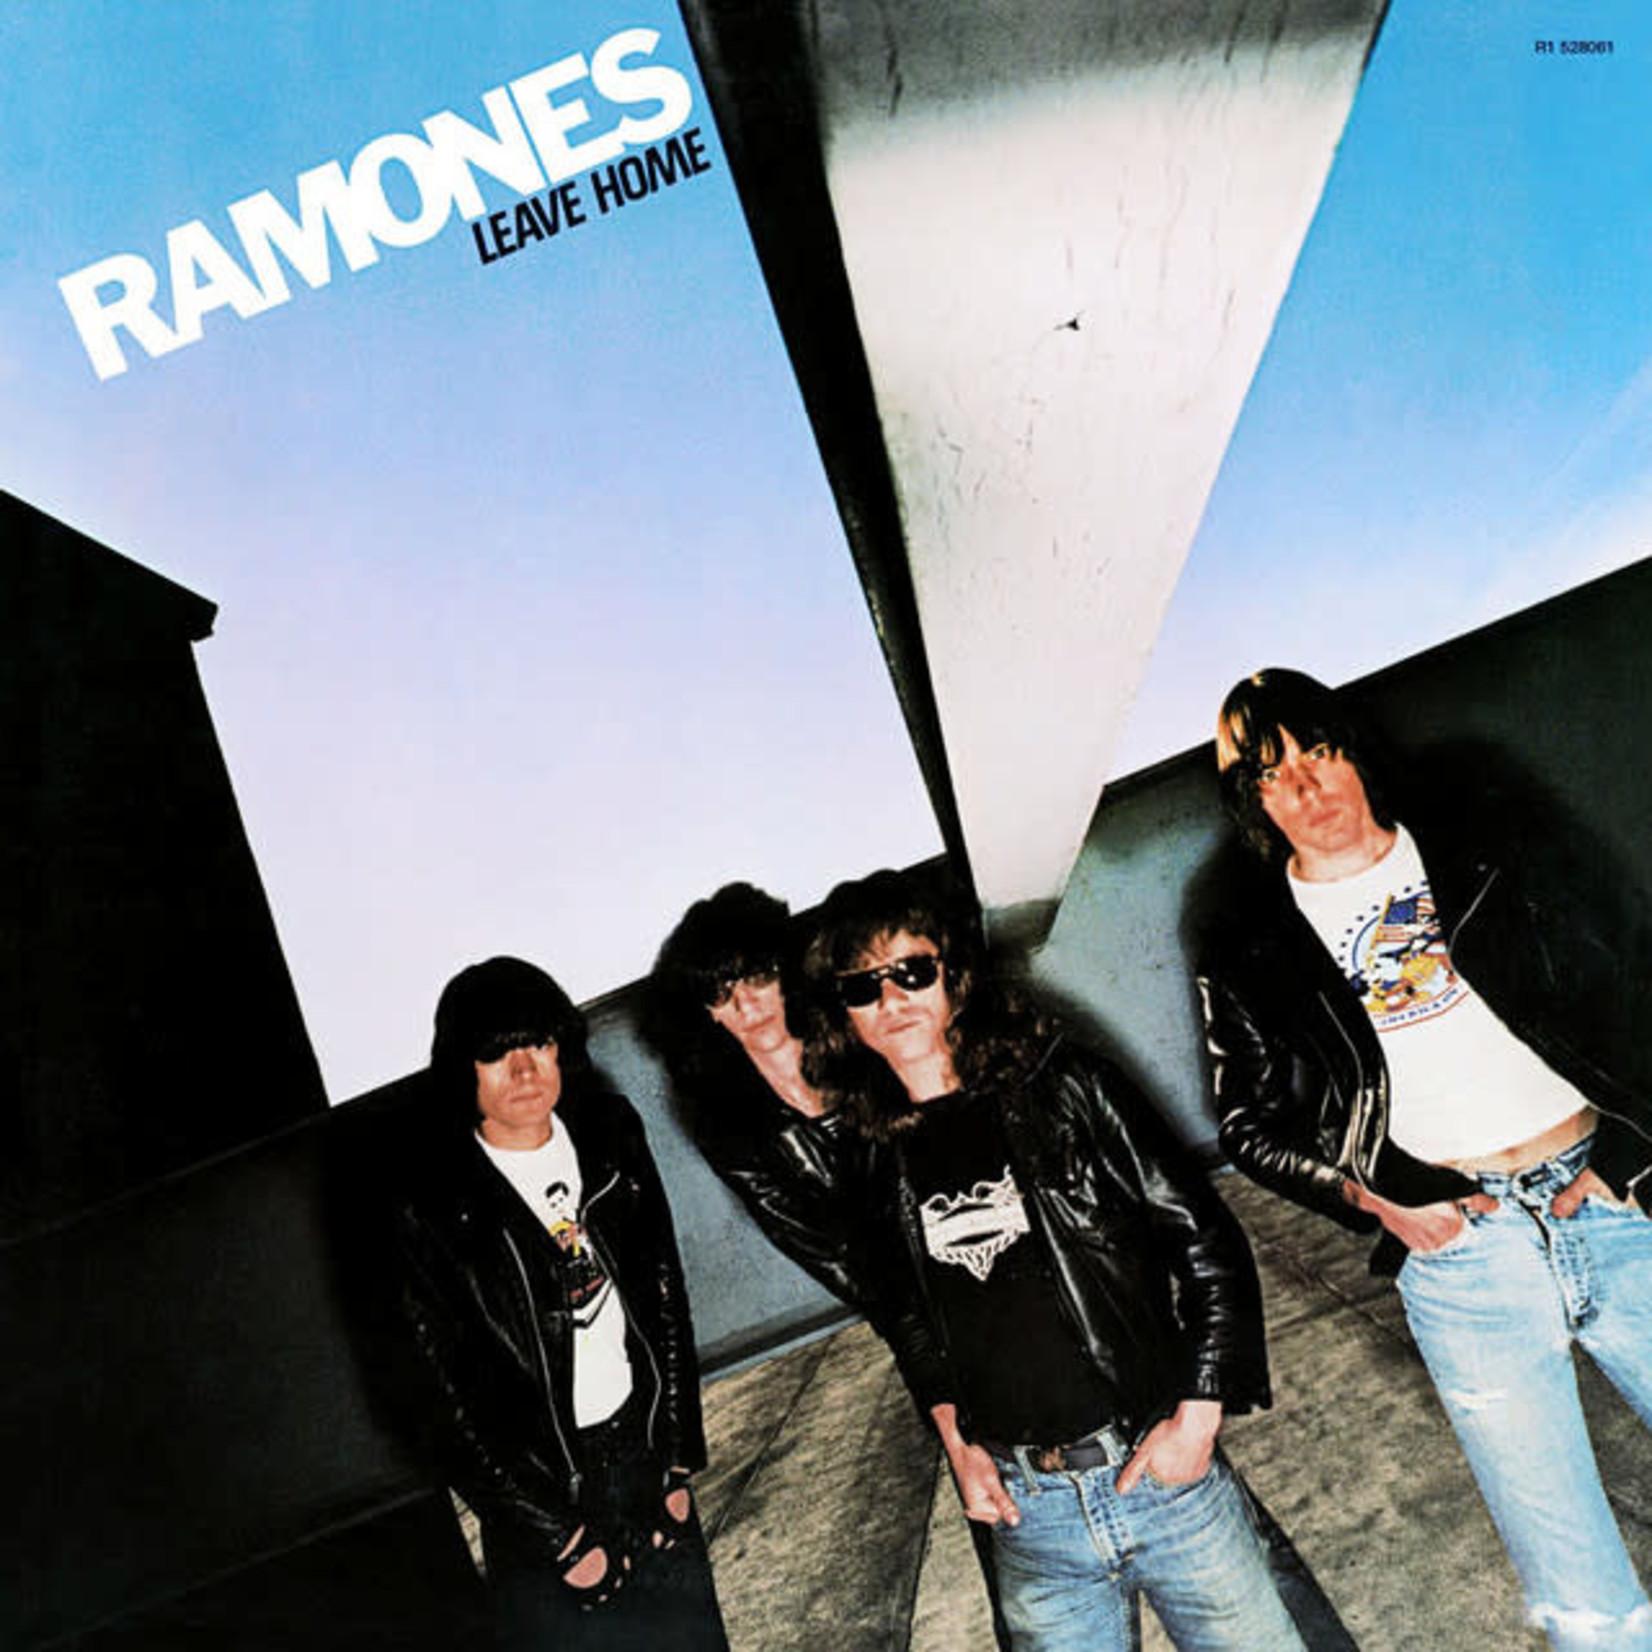 Vinyl Ramones - Leave Home